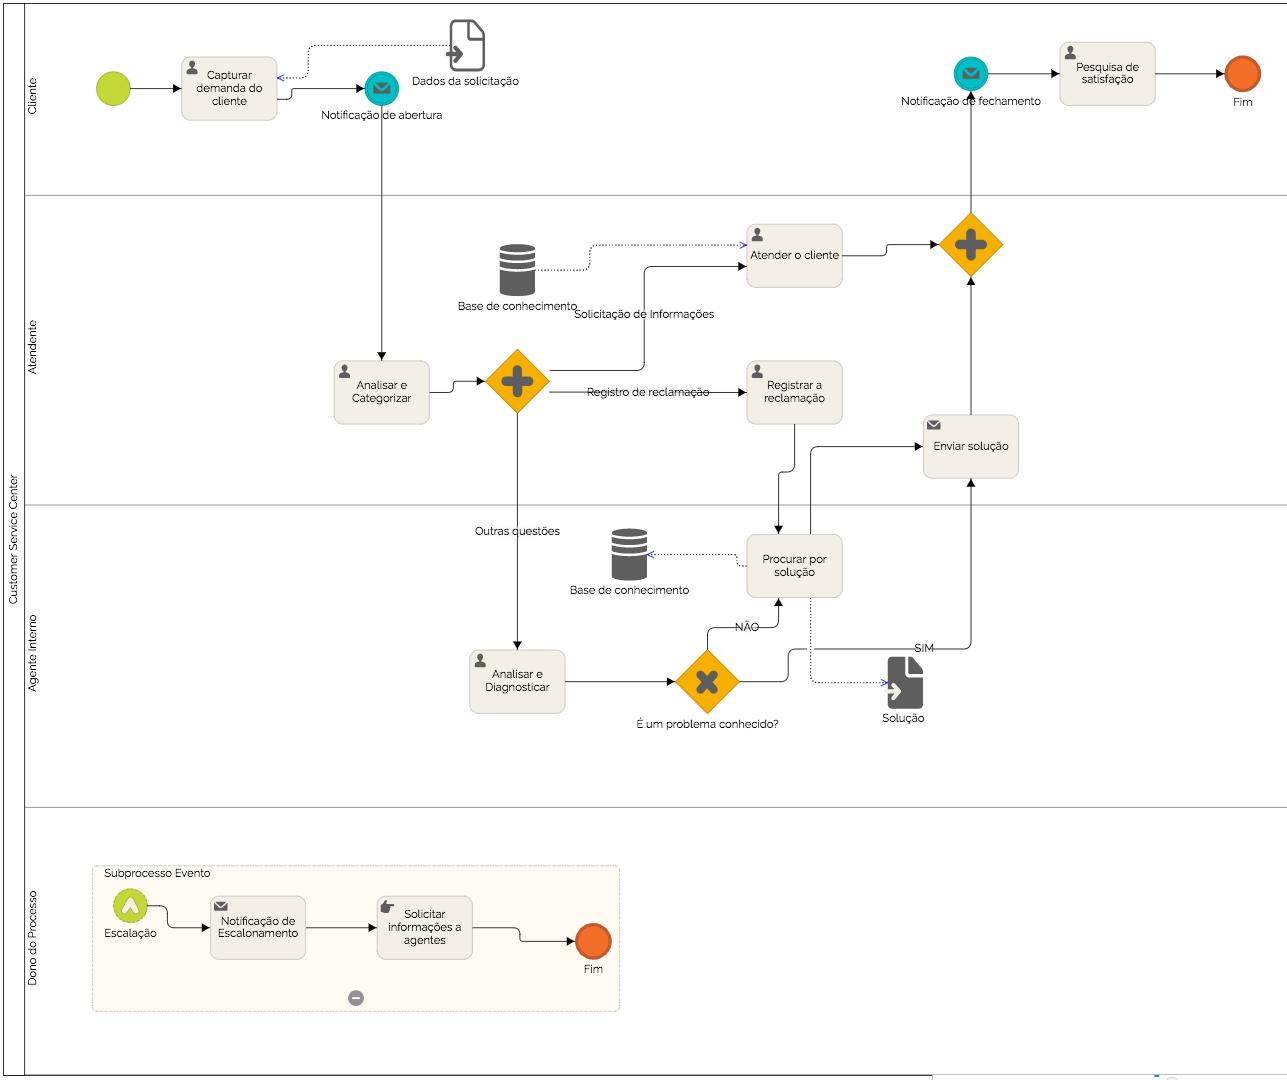 fluxograma-de-atendimento-ao-cliente-01